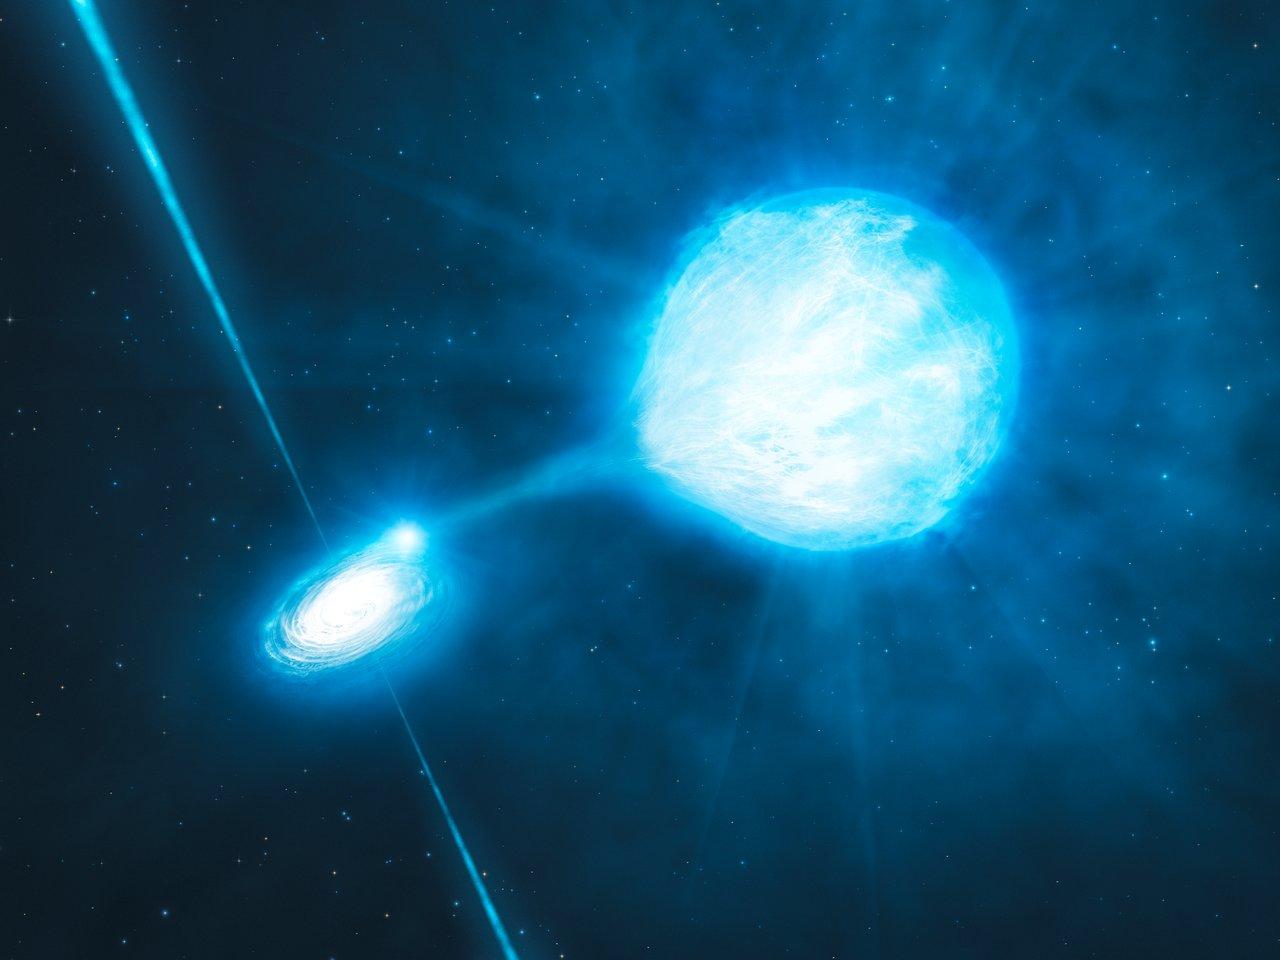 El Agujero Negro dentro de NGC 300 X-1(representación artística)